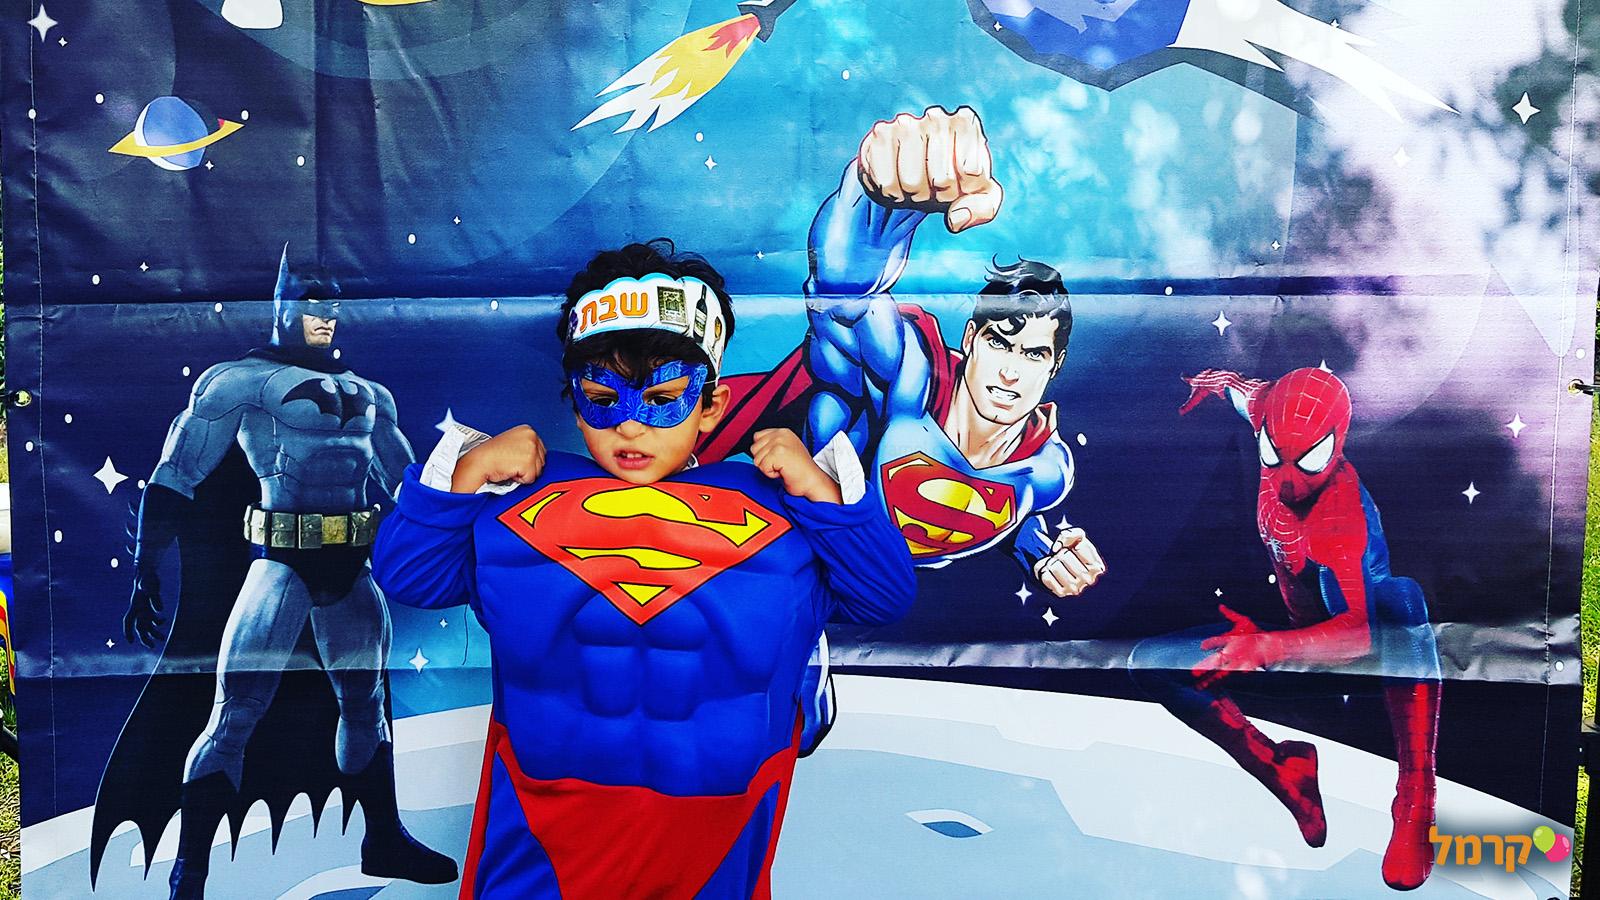 גיבורות וגיבורי העל מצילים את הגלקסיה - 073-7596320